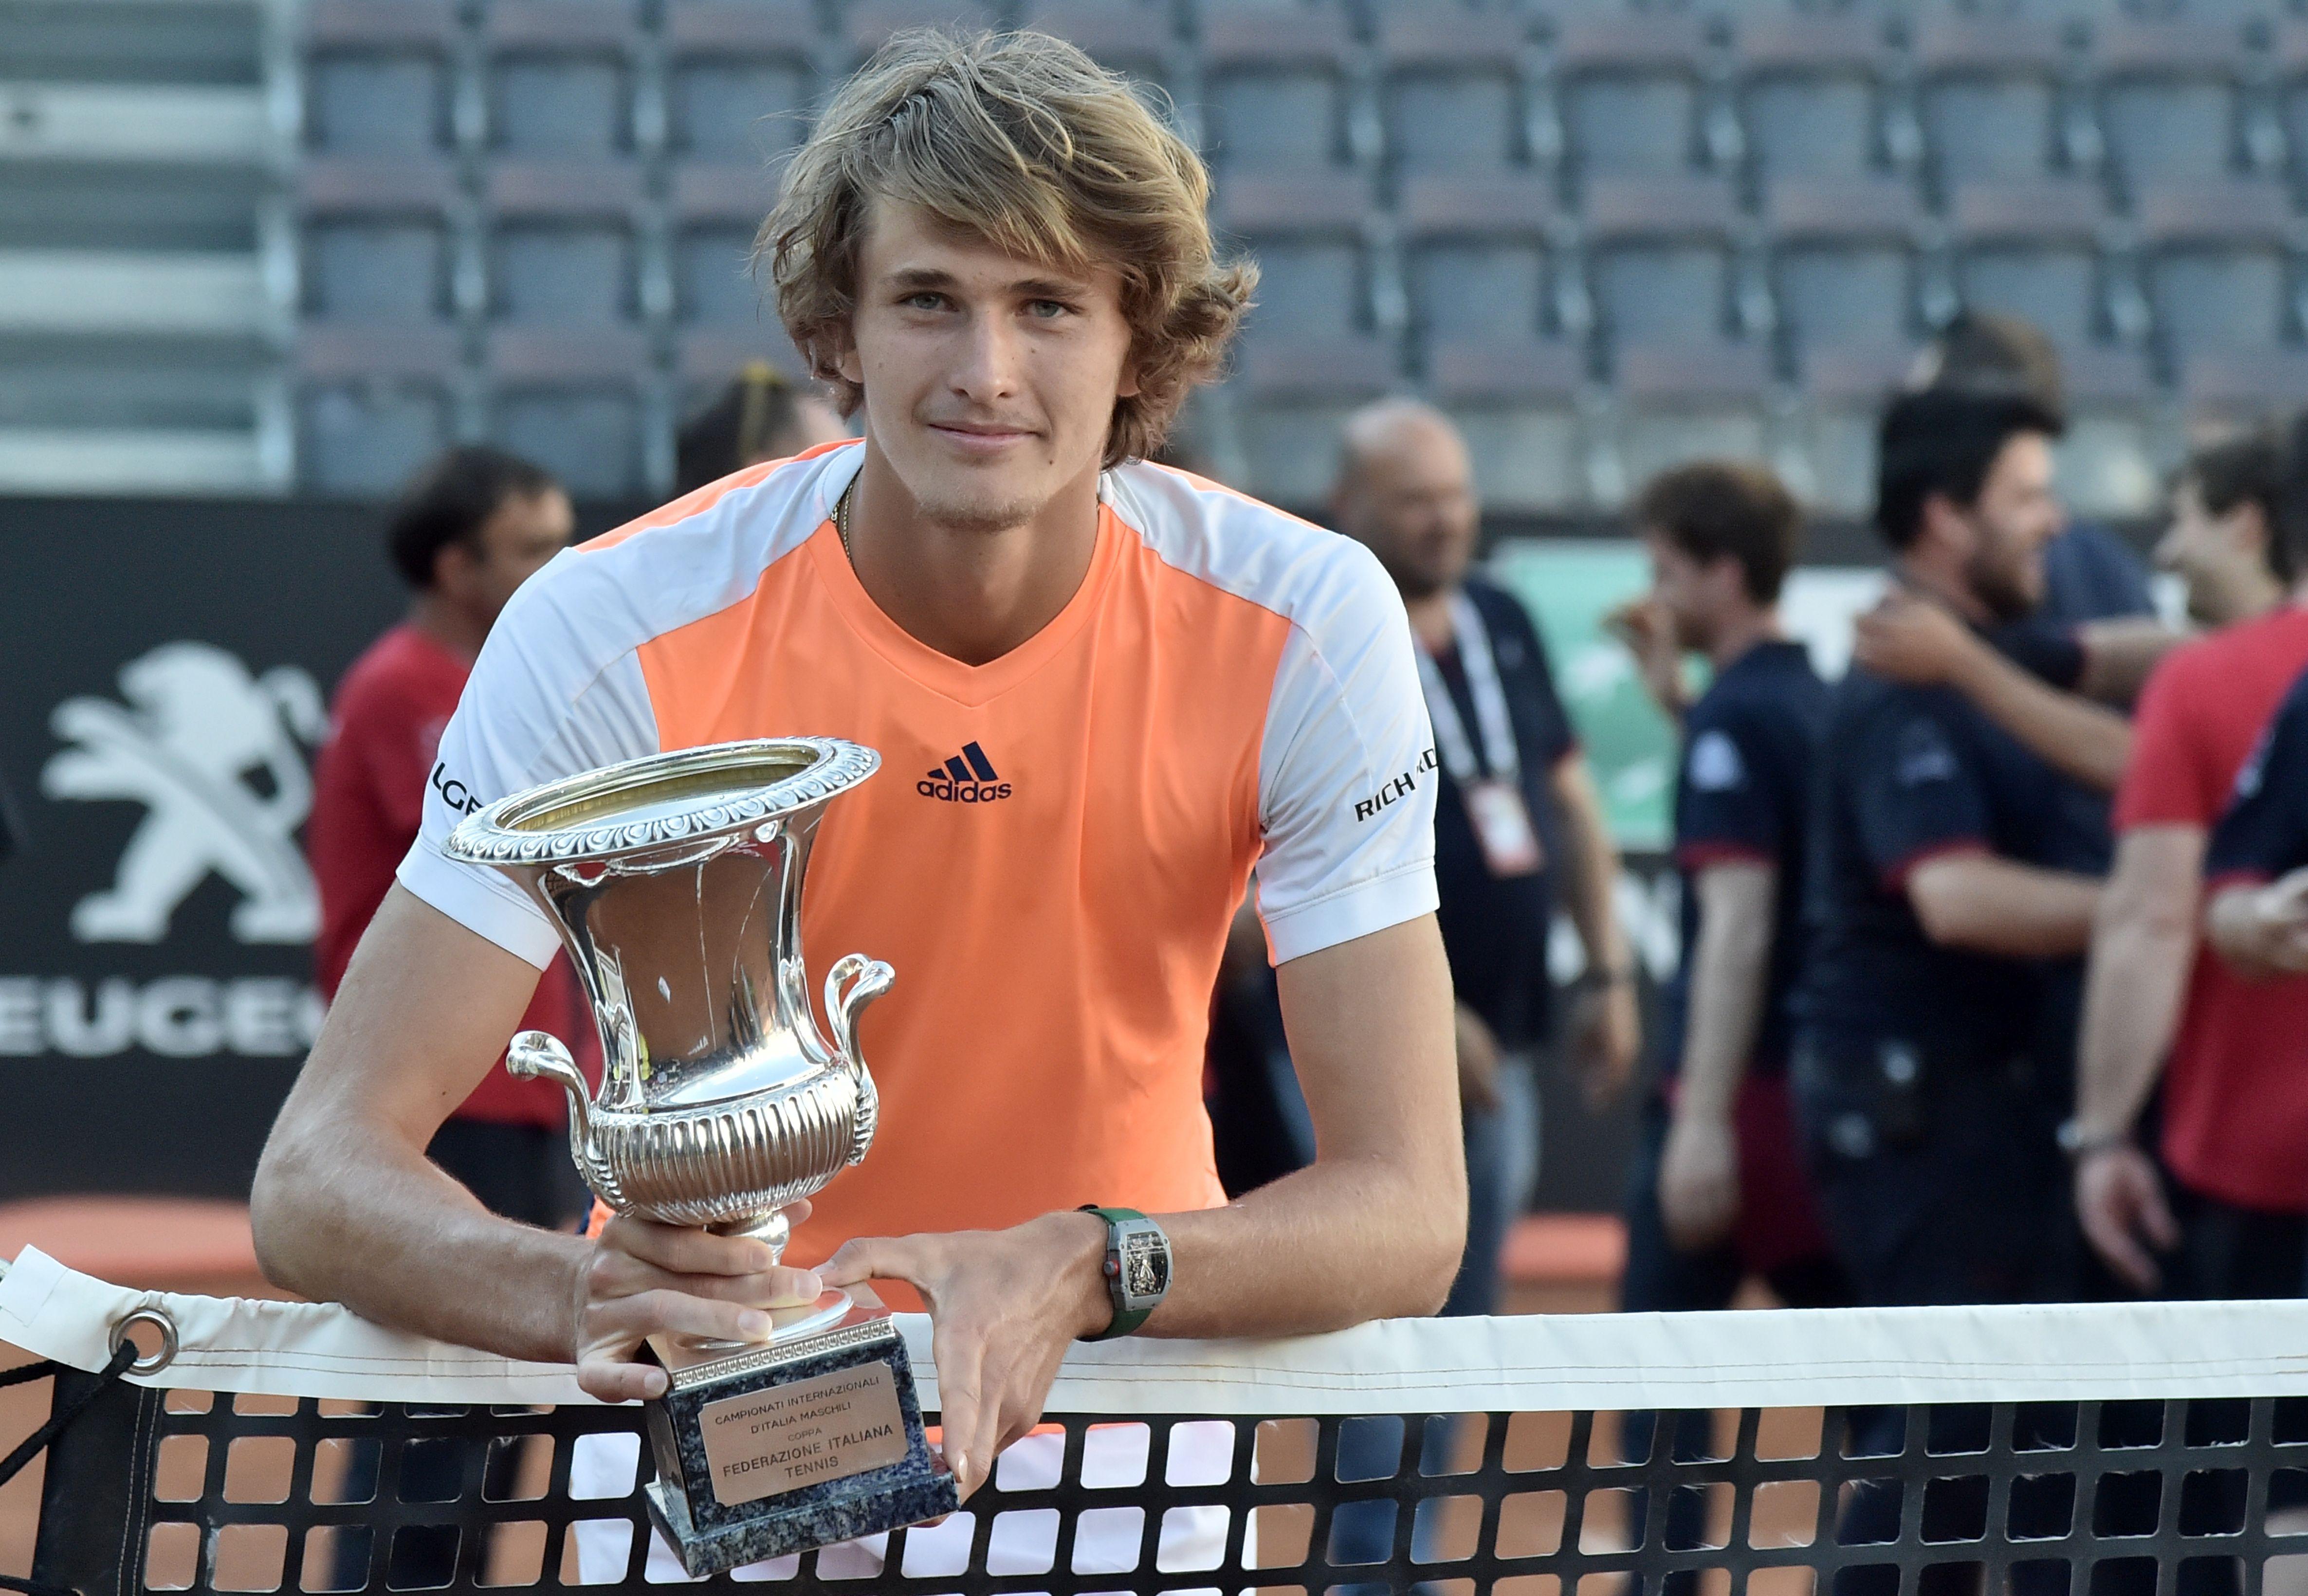 Größter Erfolg: Mit dem Turniersieg von Rom konnte Alexander Zverev seinen ersten ATP 1000-Titel gewinnen.